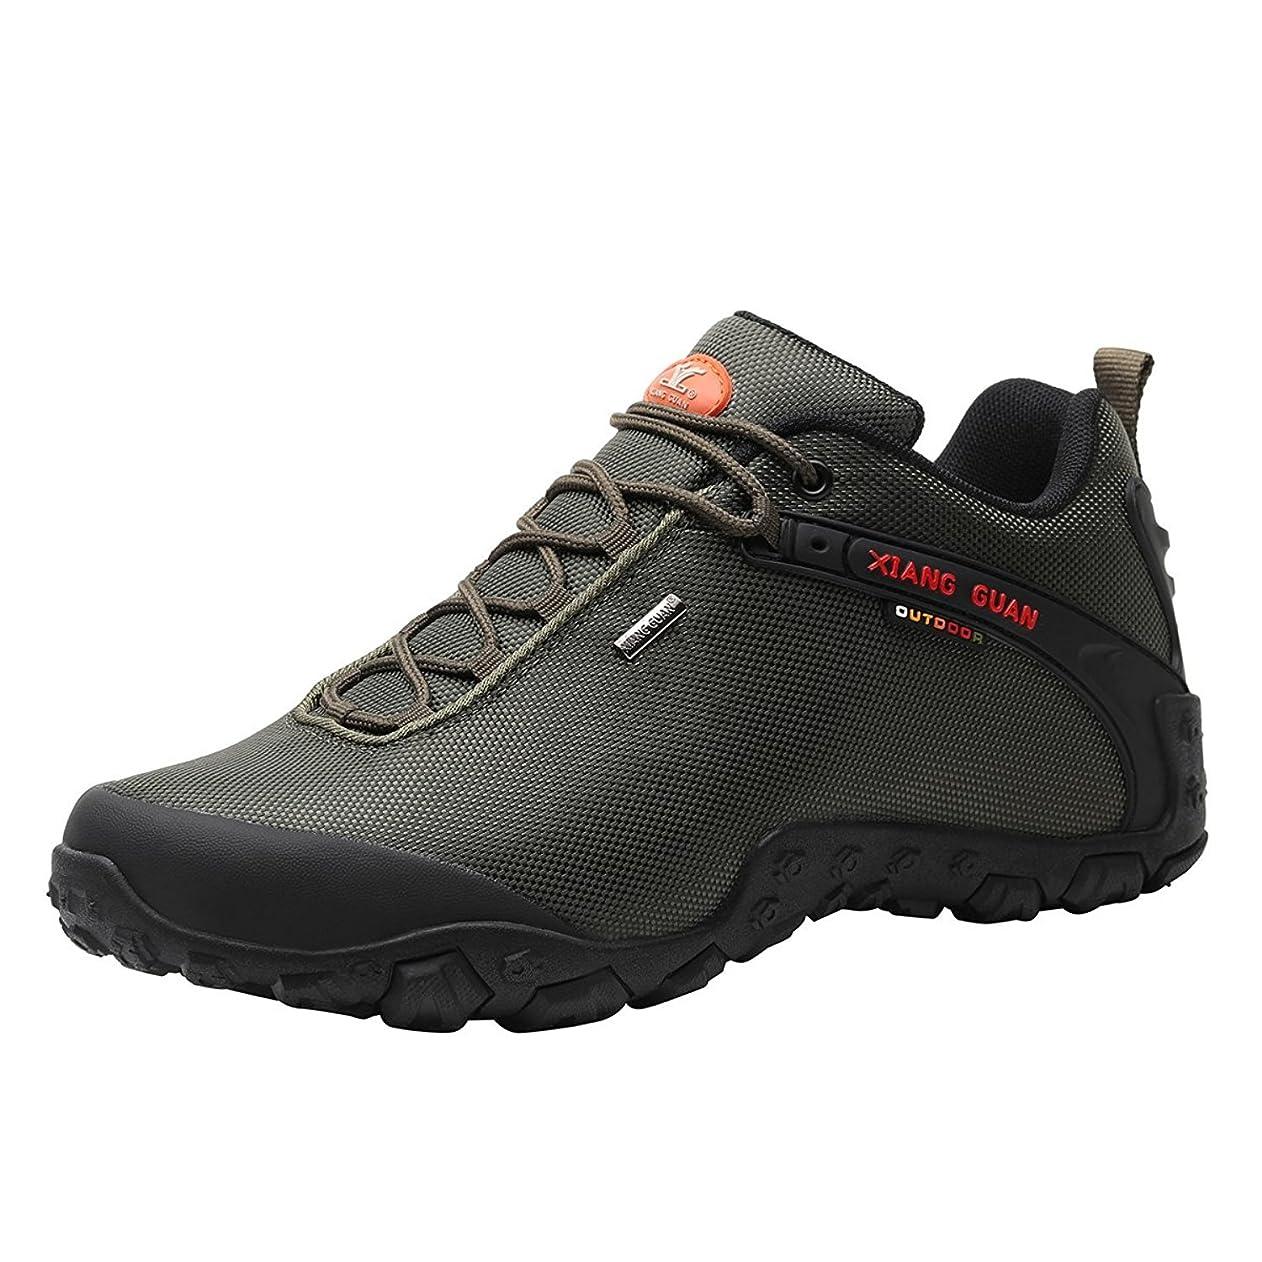 オークション爆発する制約[ショウカン] ウォーキング シューズ メンズ 登山靴 トレッキング シューズ 軽量 防滑 撥水 ハイキング シューズ